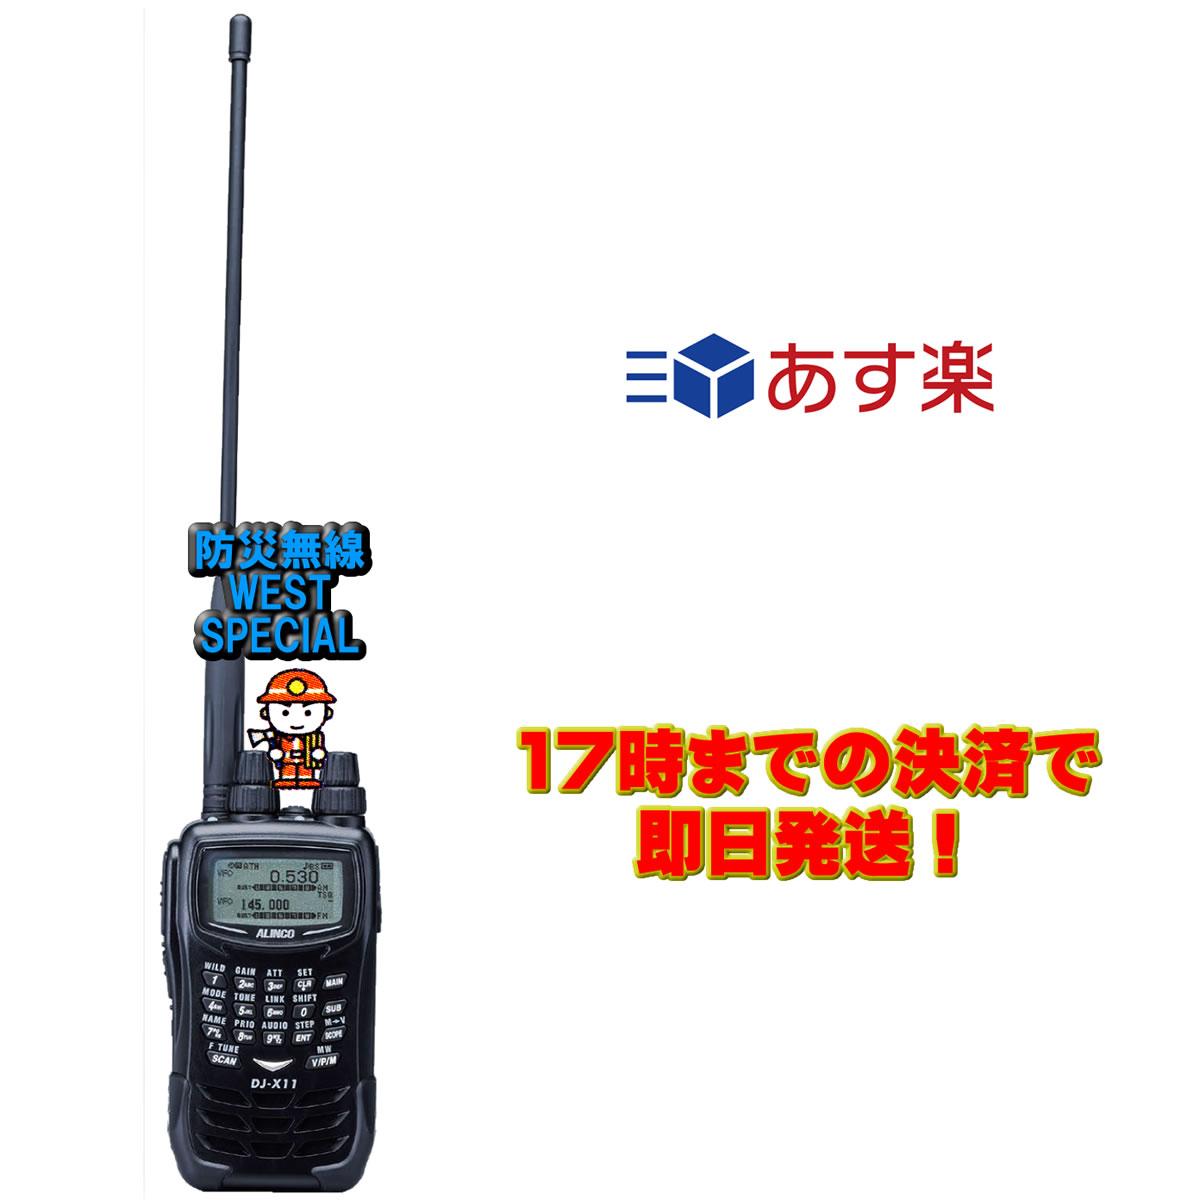 【ラッキーシール対応】 DJ-X11 アルインコ 防災無線 西日本 WEST オールモードワイドバンドレシーバー 1173chメモリー書込み済